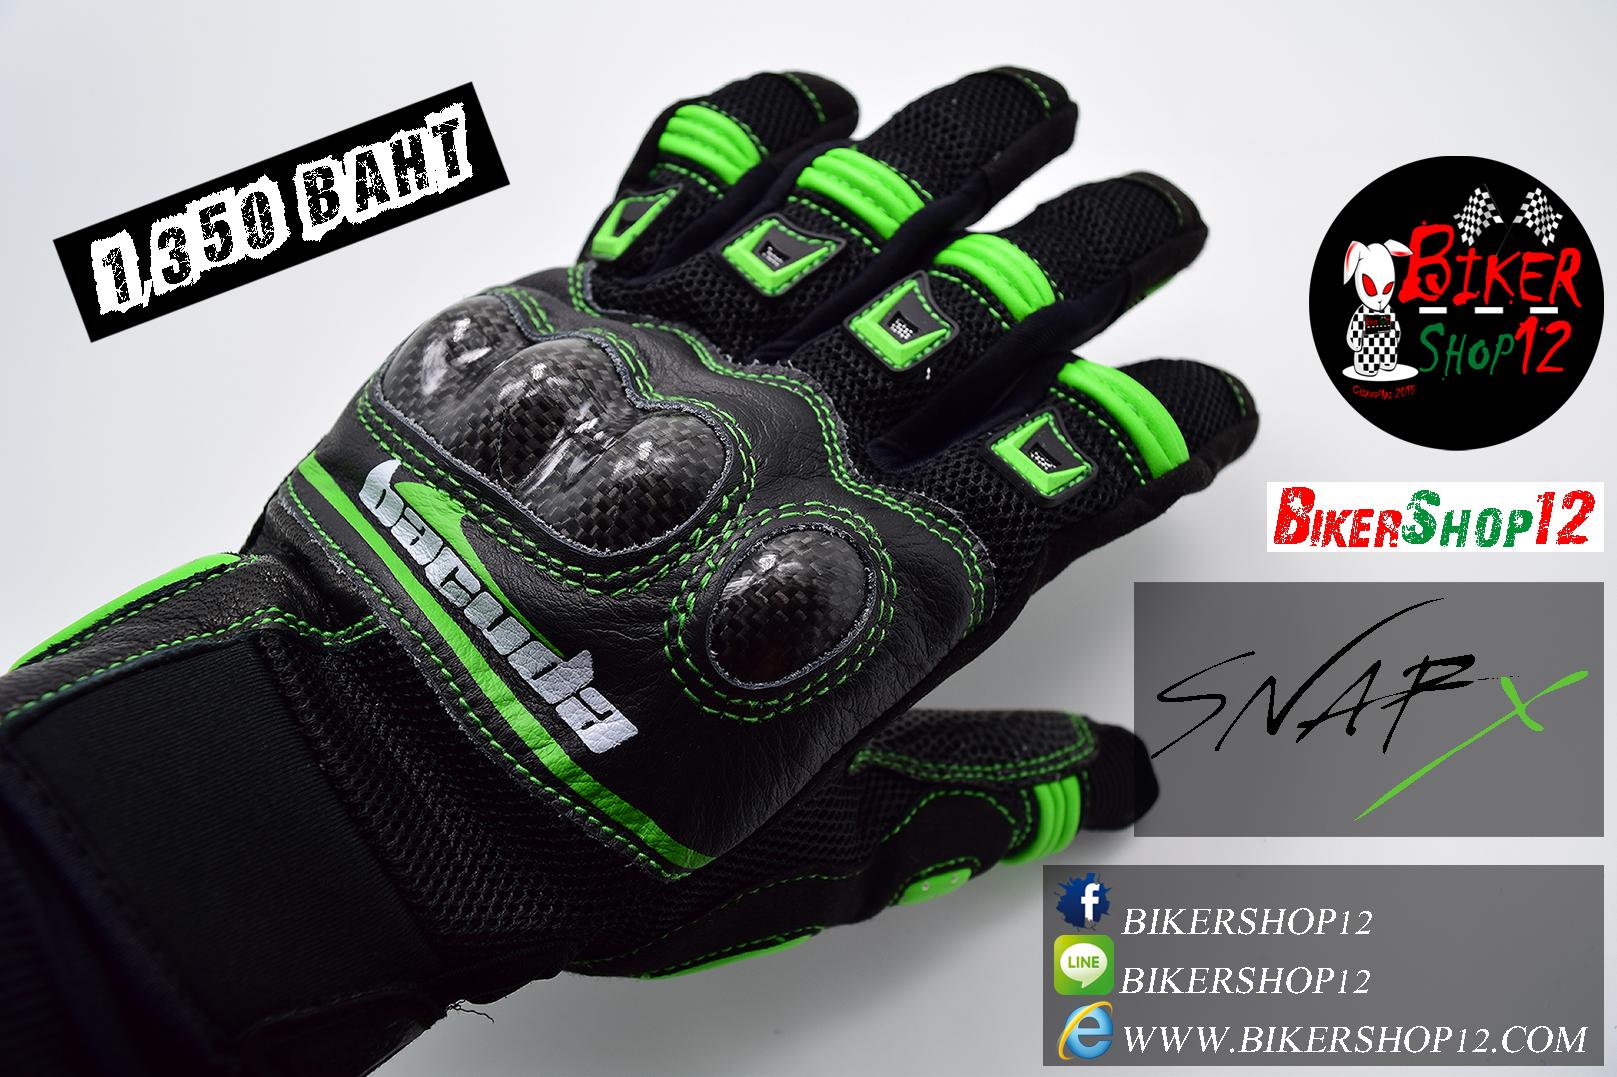 ถุงมือReal SNAP X สีดำ-เขียว